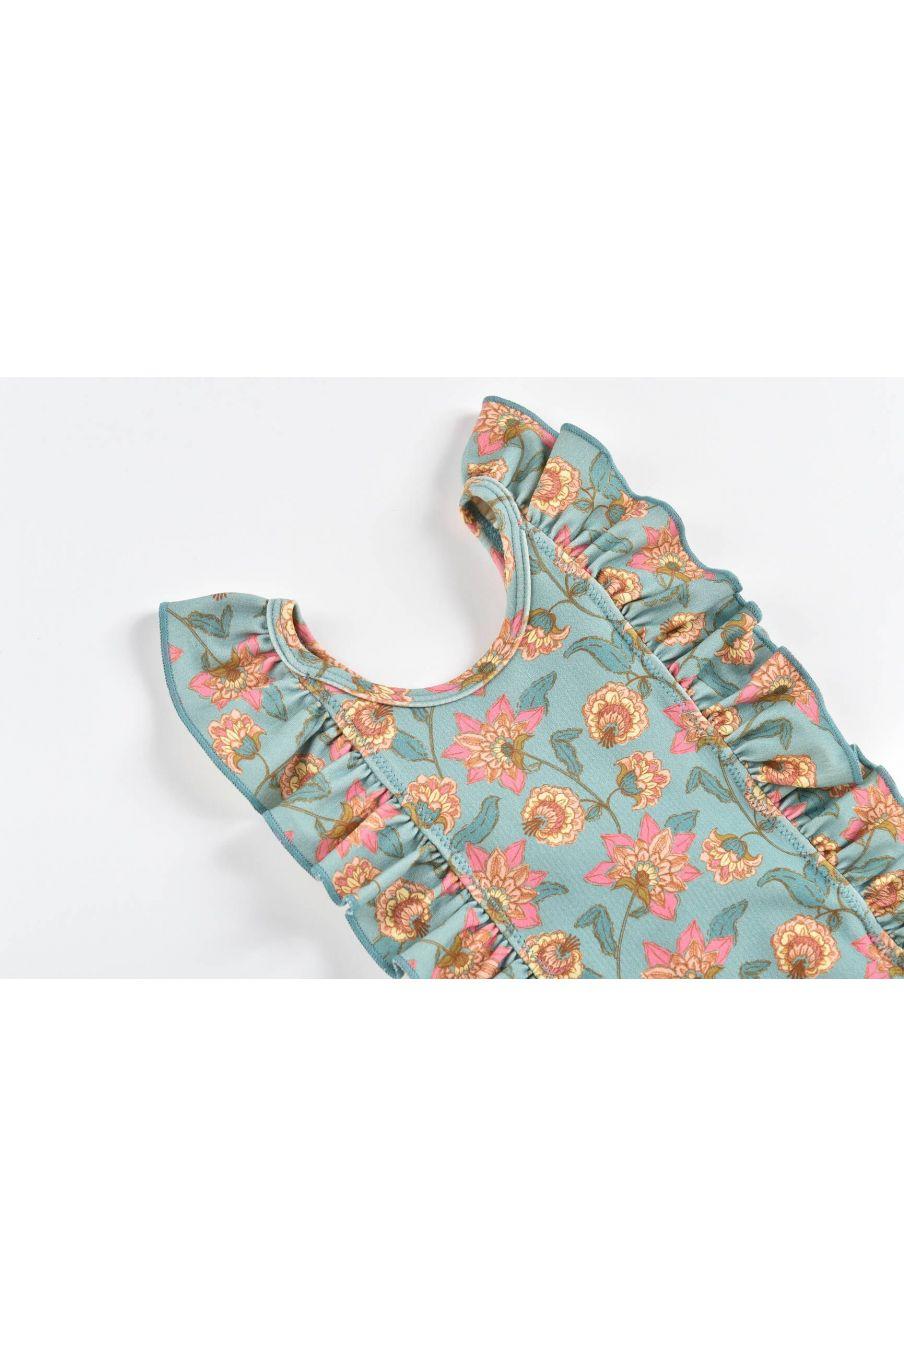 boheme chic vintage maillot de bain bébé fille mosillos turquoise flowers